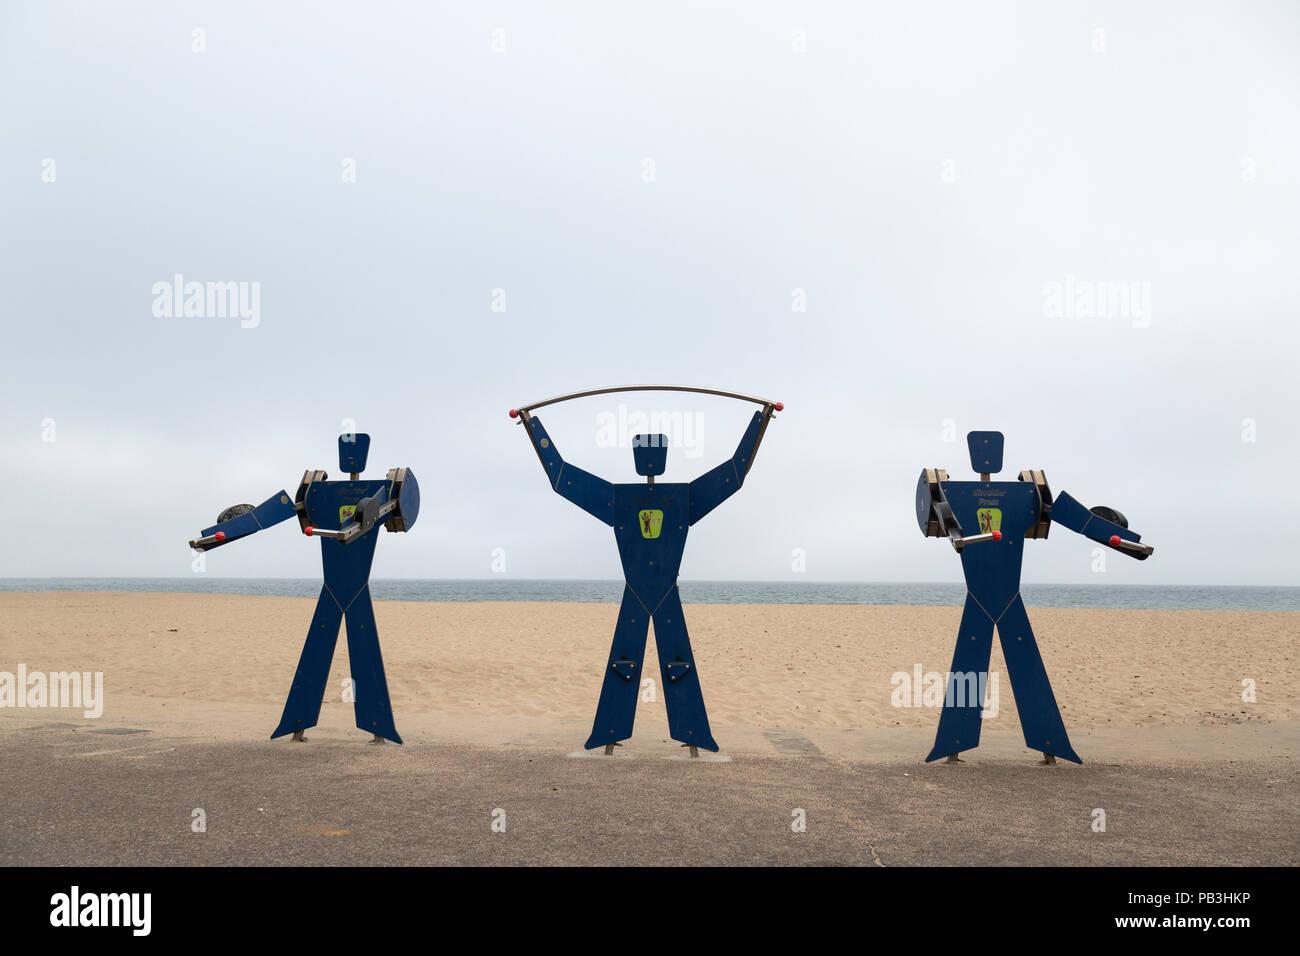 Equipo de ejercicio en forma de figuras humanas en el mar, en Bournemouth, Inglaterra, Reino Unido. Imagen De Stock